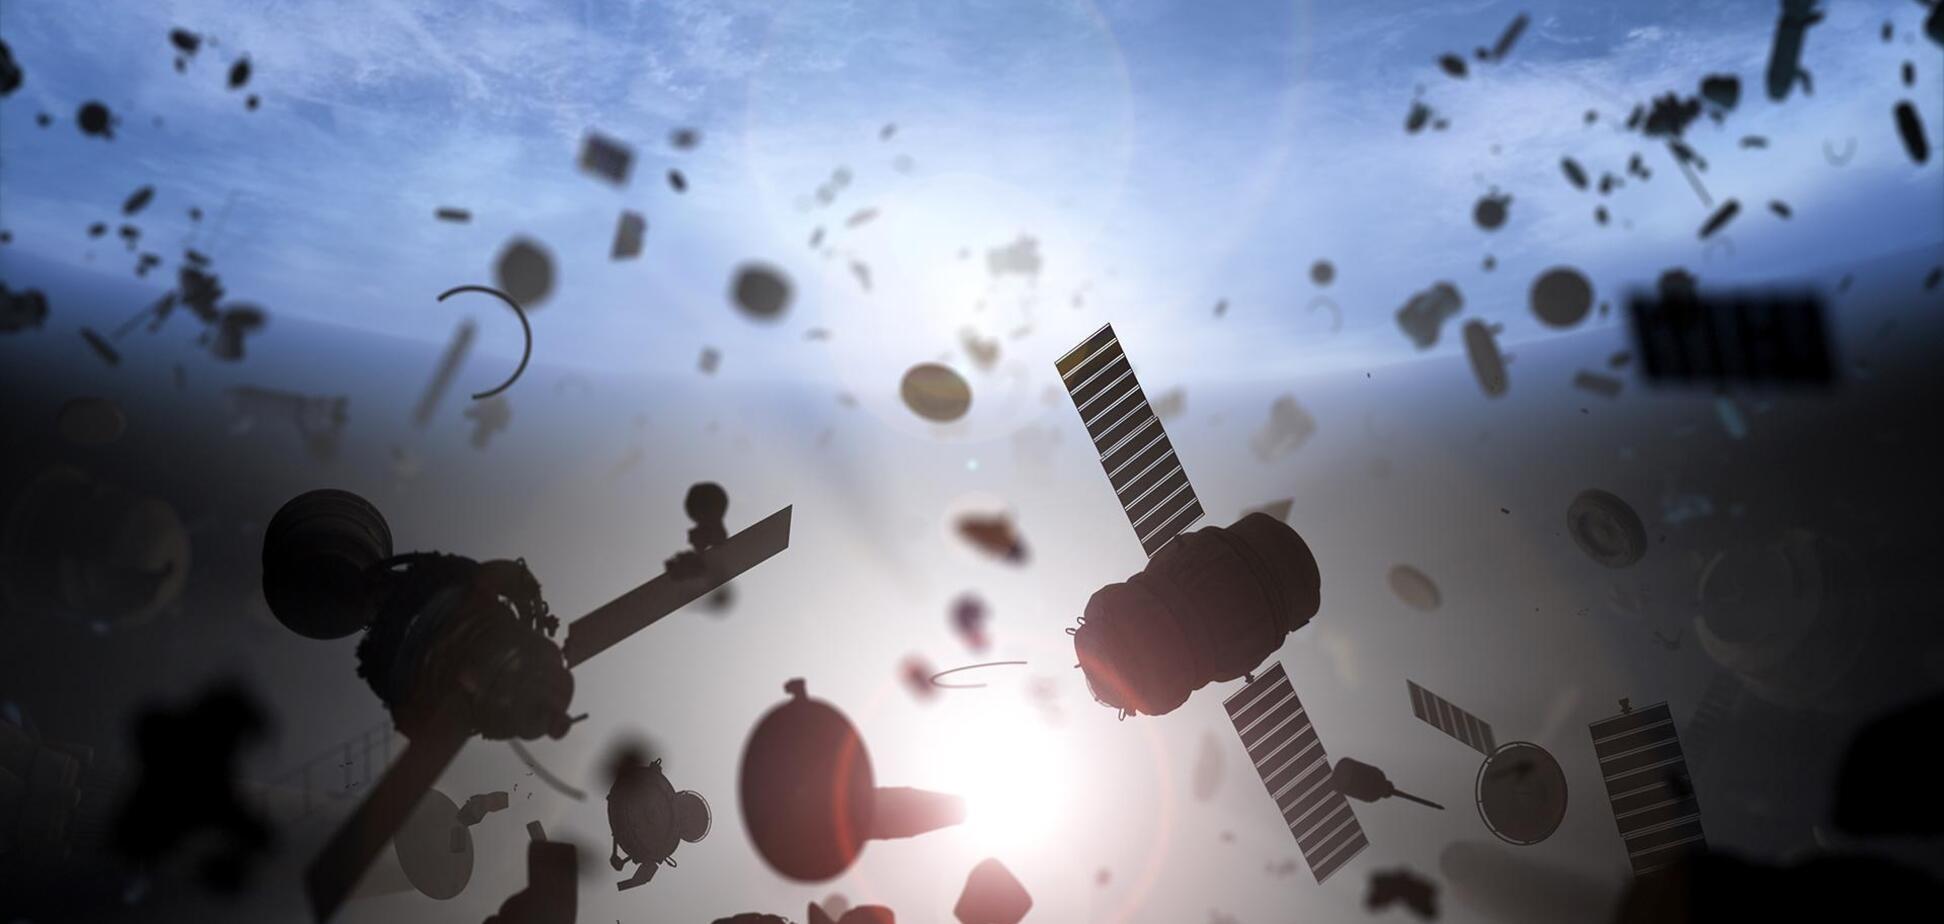 К 2100 году количество космического мусора может увеличиться в 50 раз